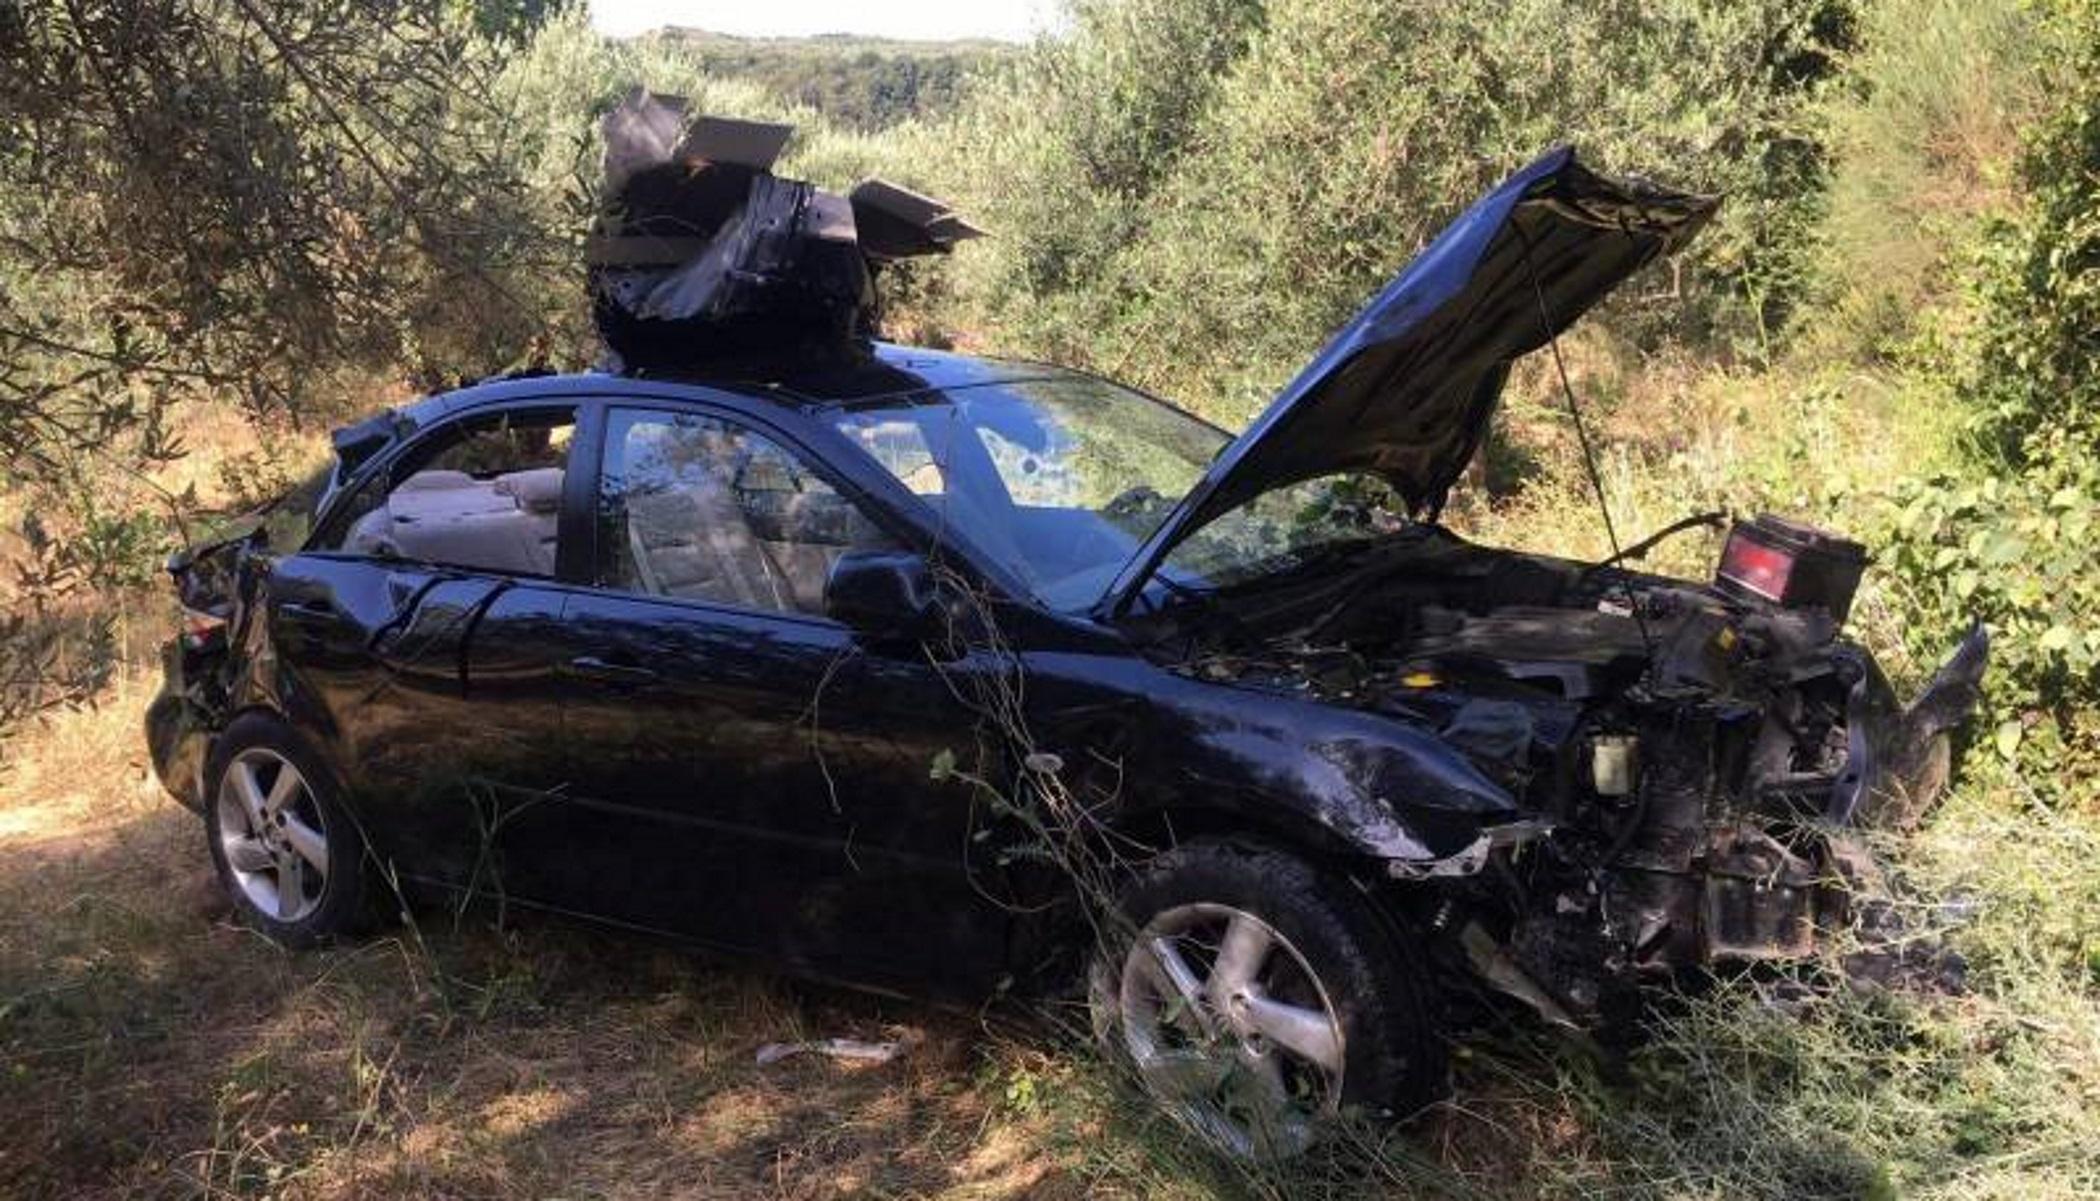 Μεσσηνία: Αυτοκίνητο έπεσε σε γκρεμό – Δύο τραυματίες